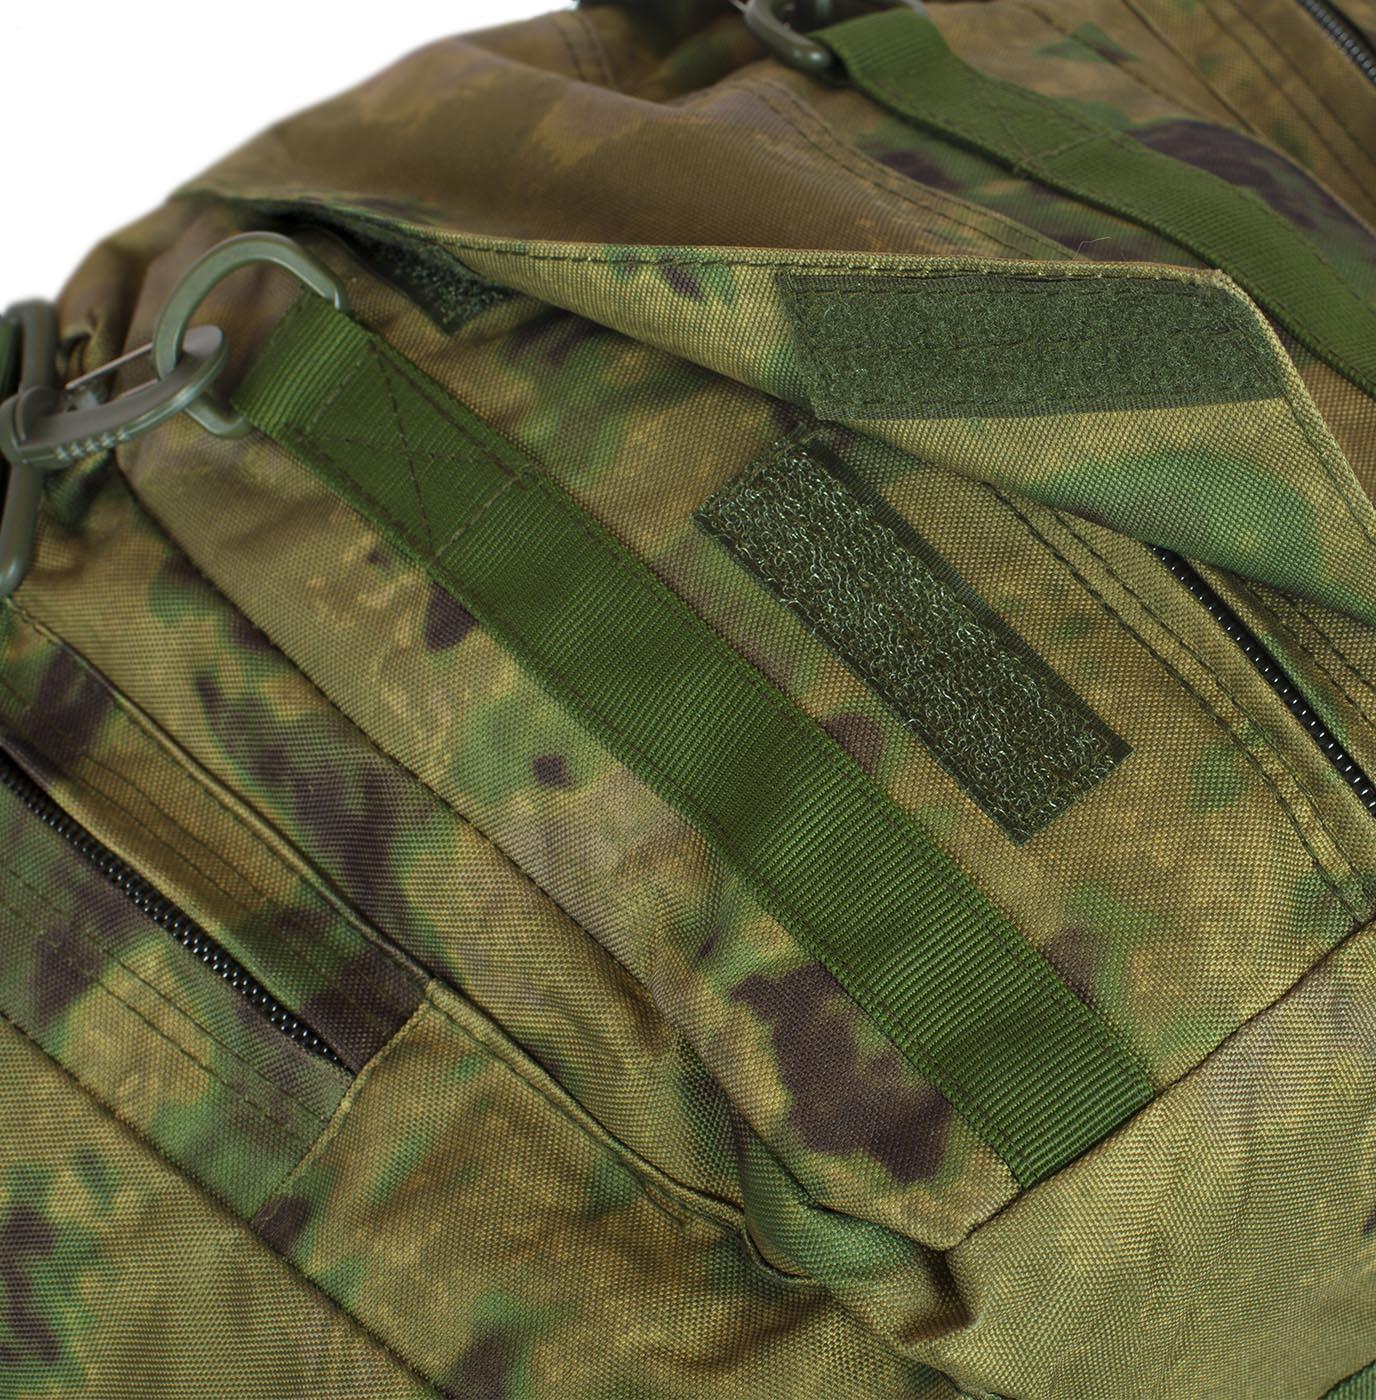 Тактическая камуфляжная сумка с нашивкой ДПС  - купить в розницу